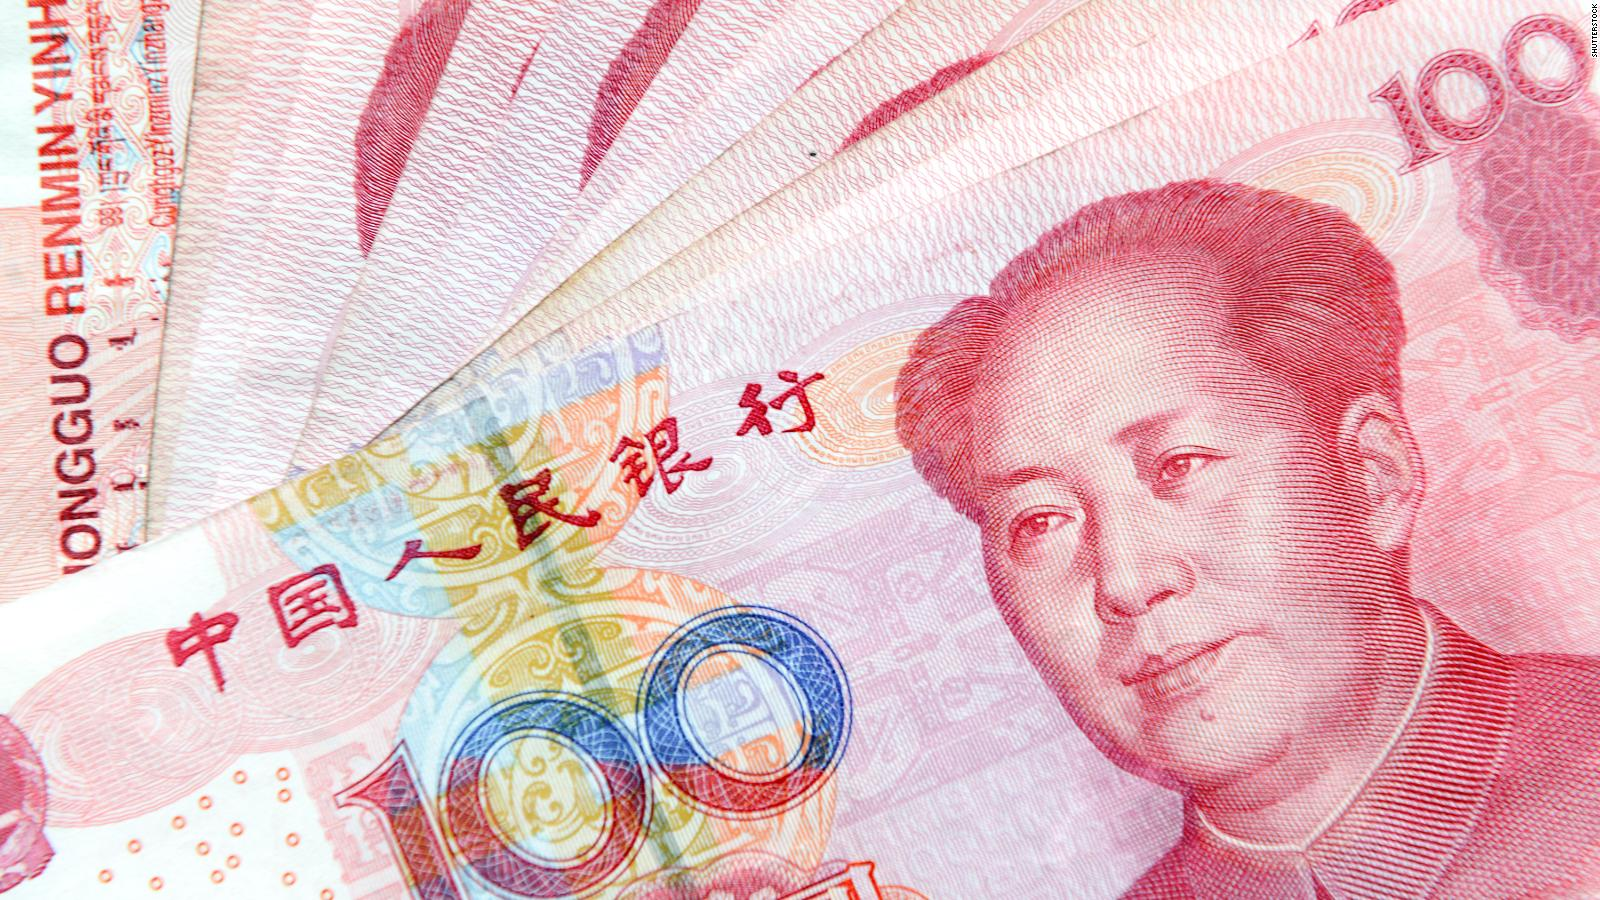 La disputa comercial entre EE.UU. y China y la caída del yuan